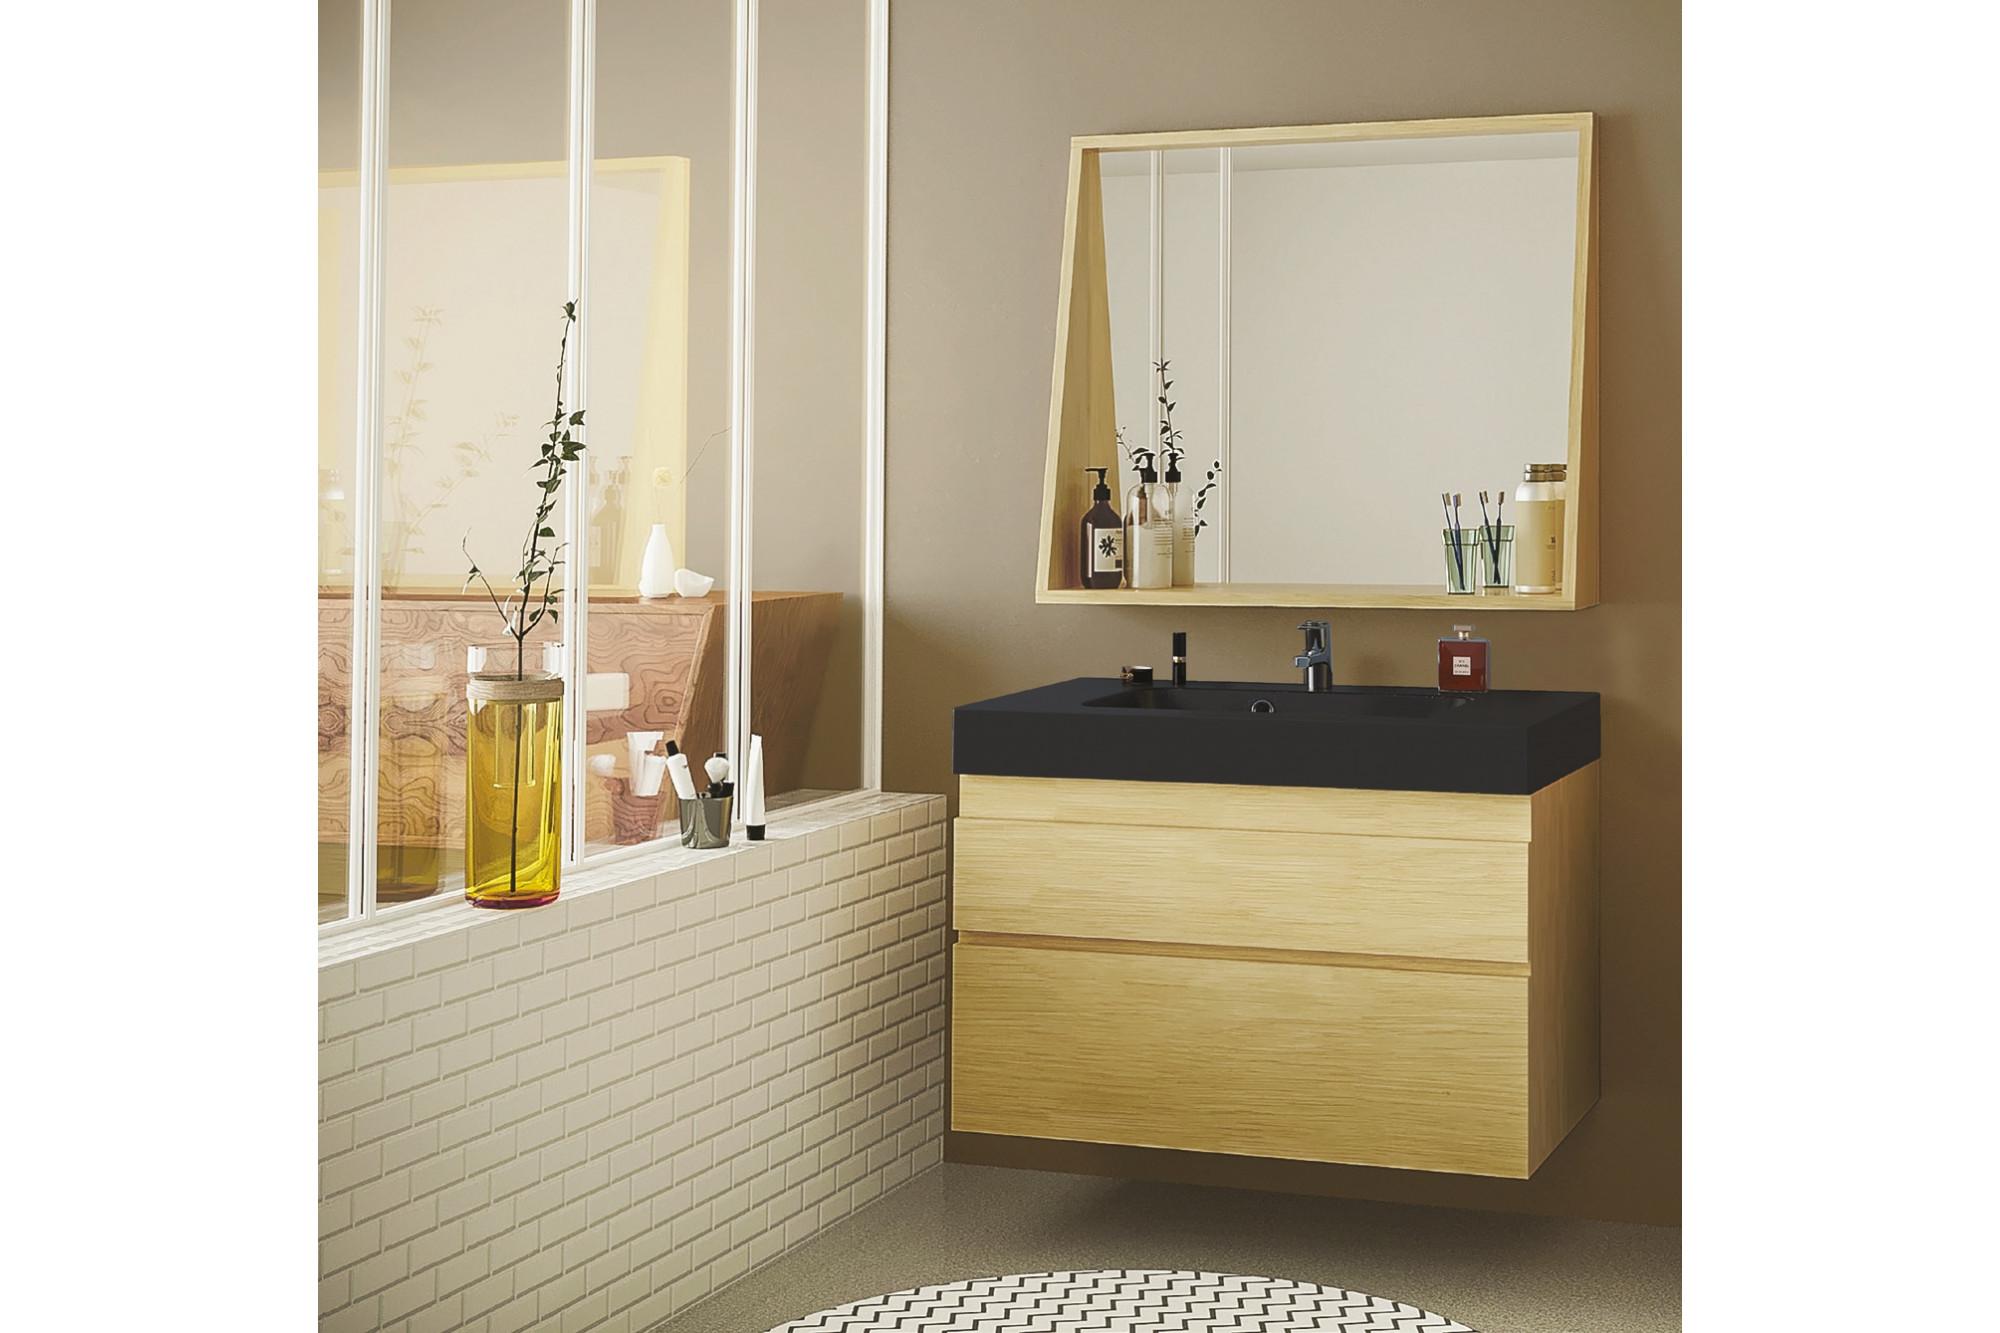 Salle De Bain En Longueur meuble de salle de bain en bois avec sa vasque noir mat et son miroir -  hellin